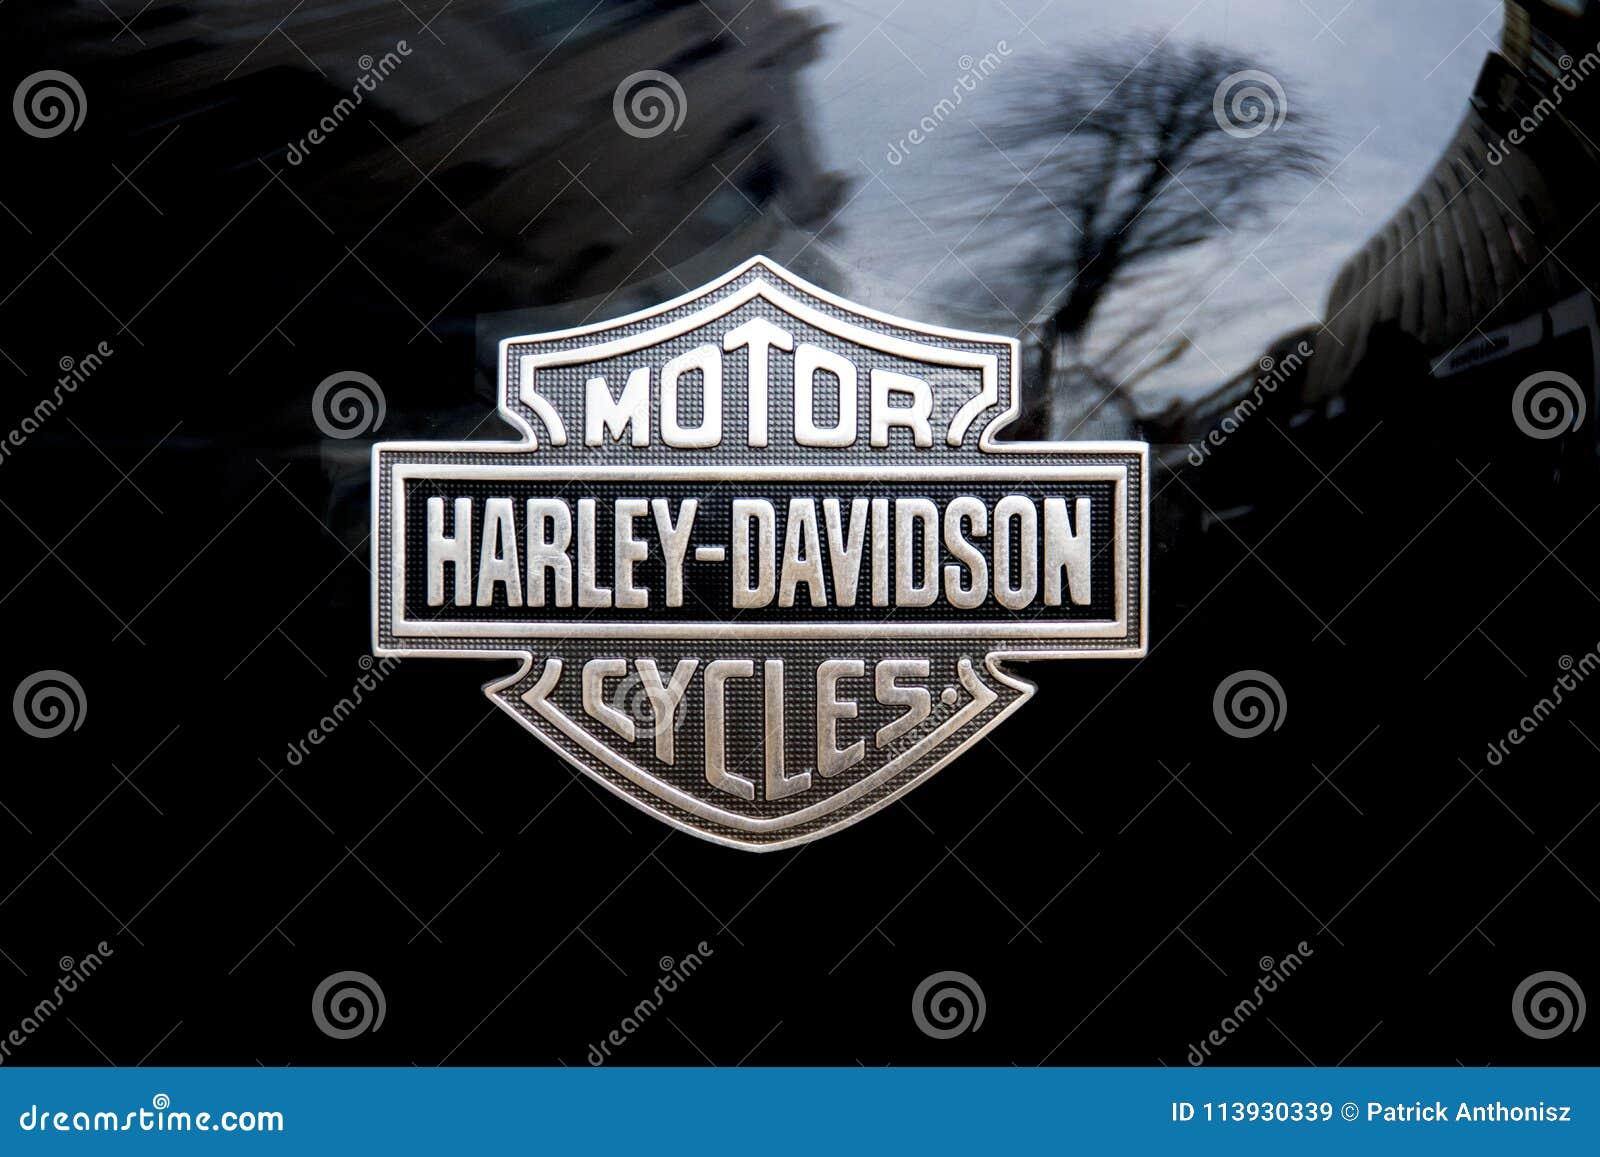 Logo Detail On Harley Davidson Motorcycle Editorial Stock Image